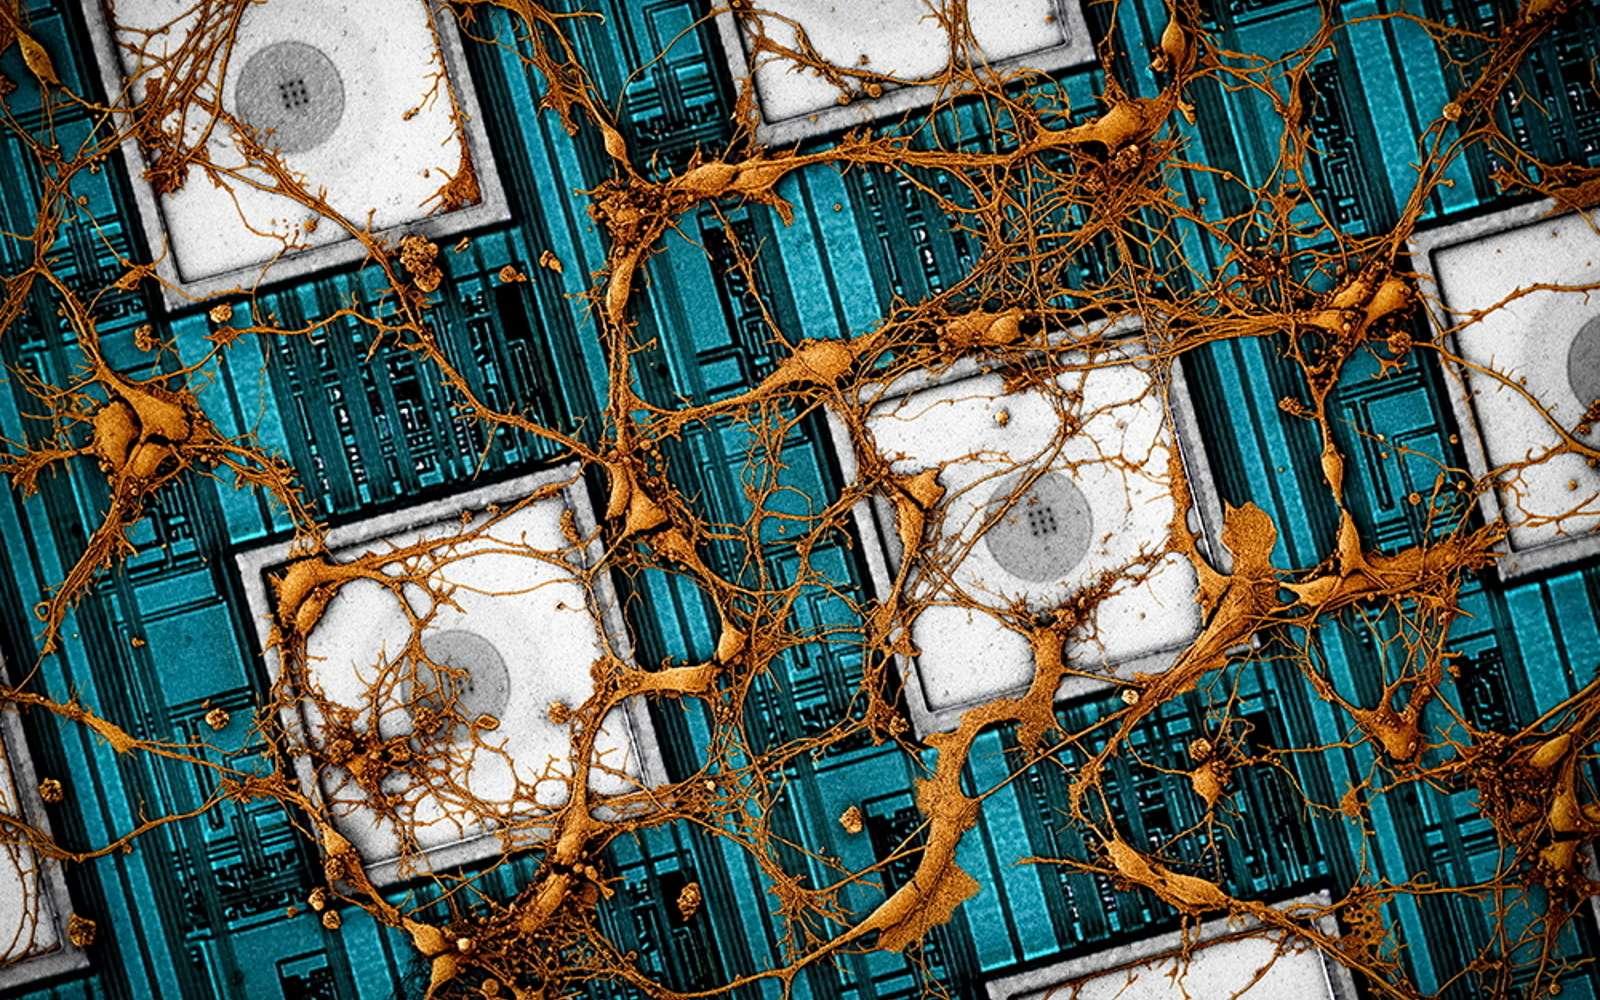 Une image de neurones de rat sur un réseau de nanoélectrodes. © Samsung